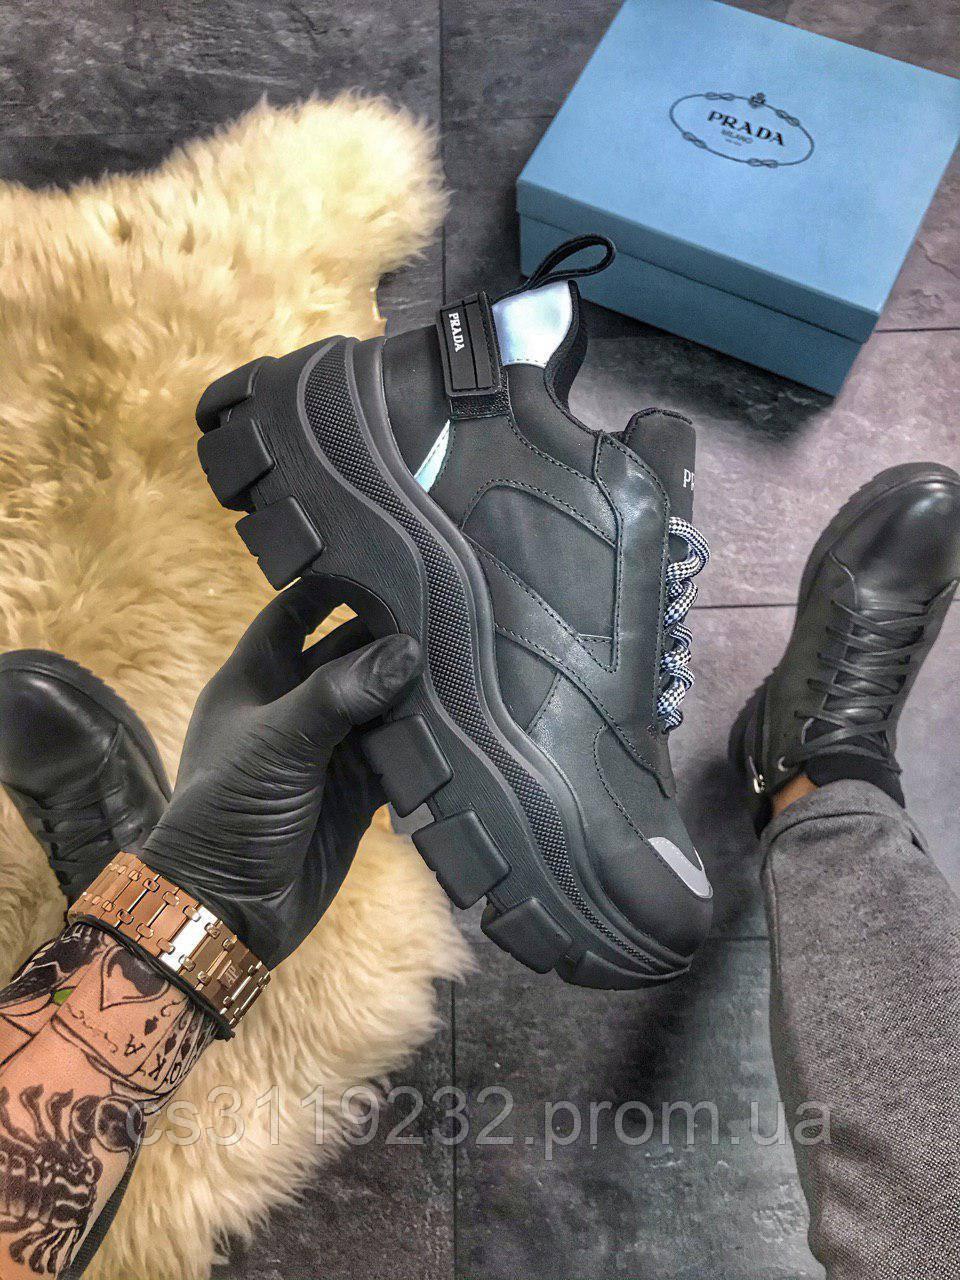 Женские кроссовки Prada (черные)